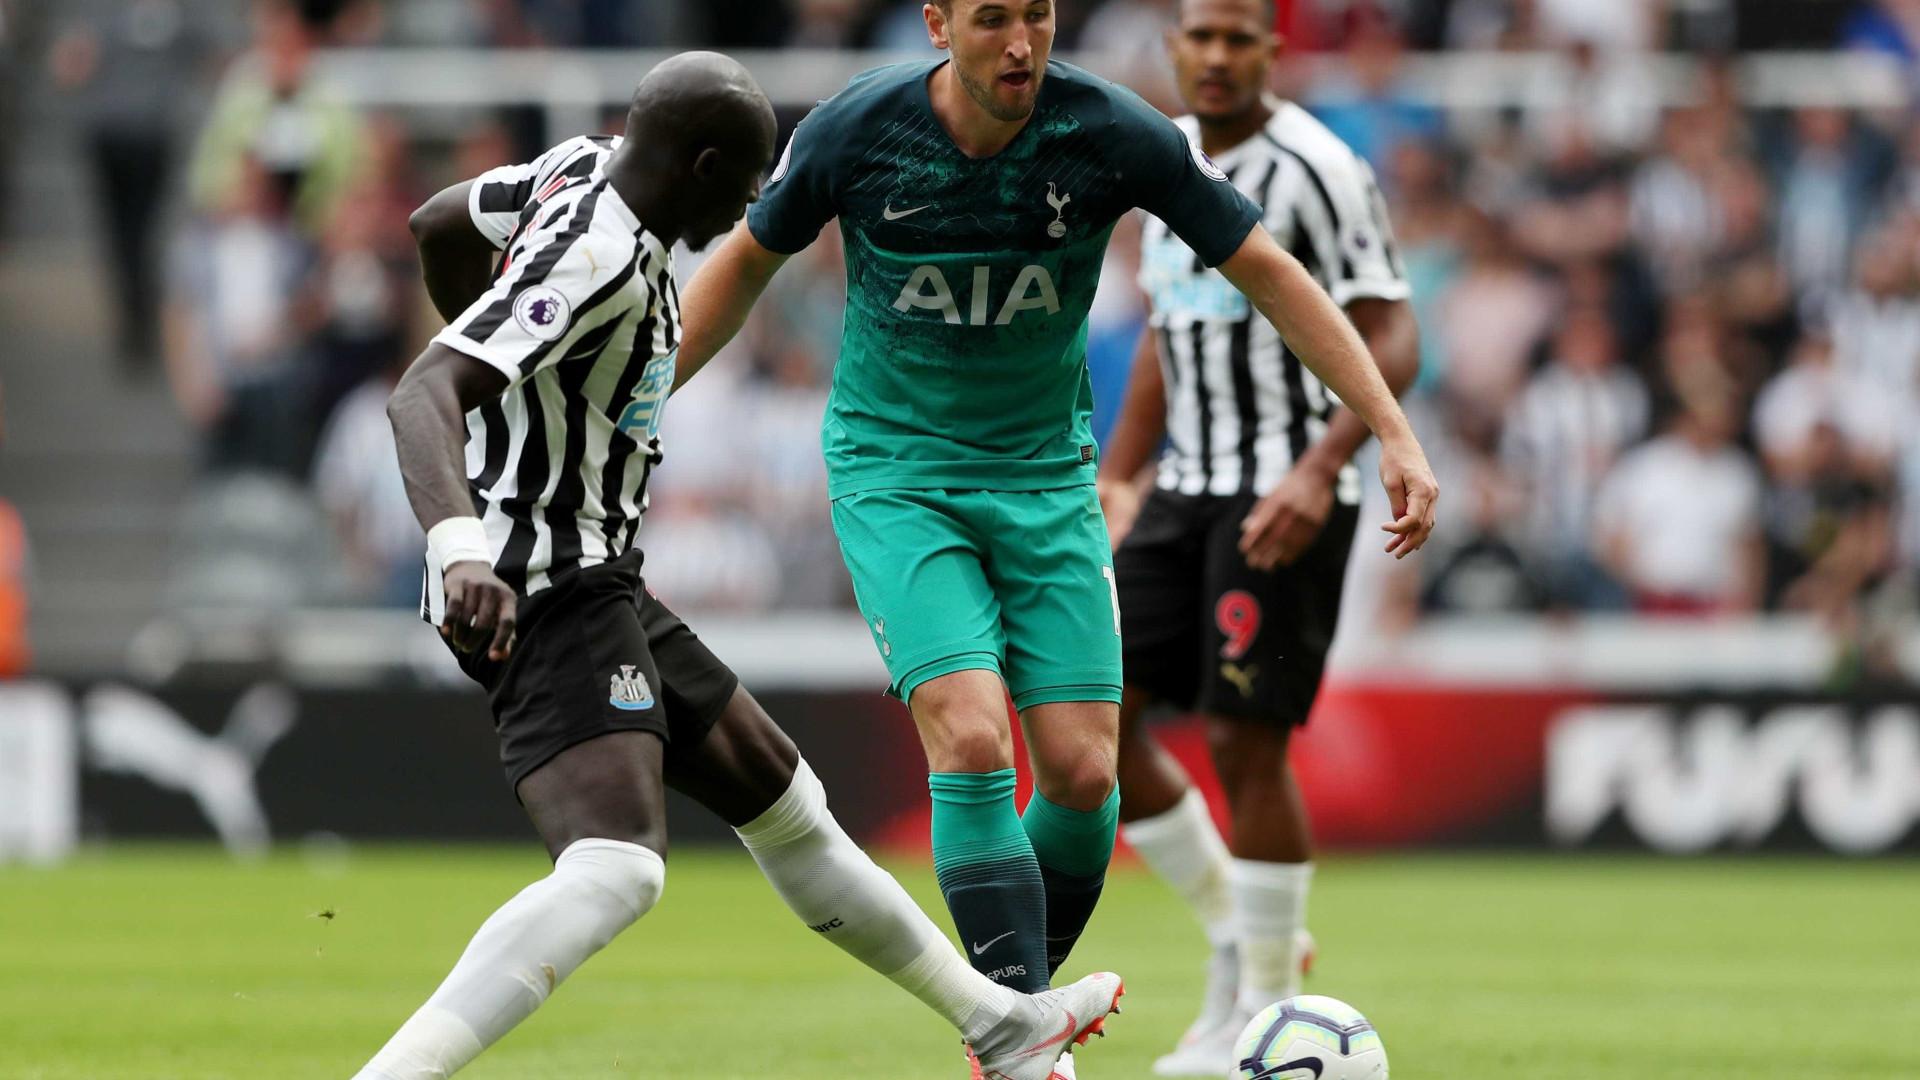 Tottenham vence Newcastle em jogo com gols antes dos 20 minutos